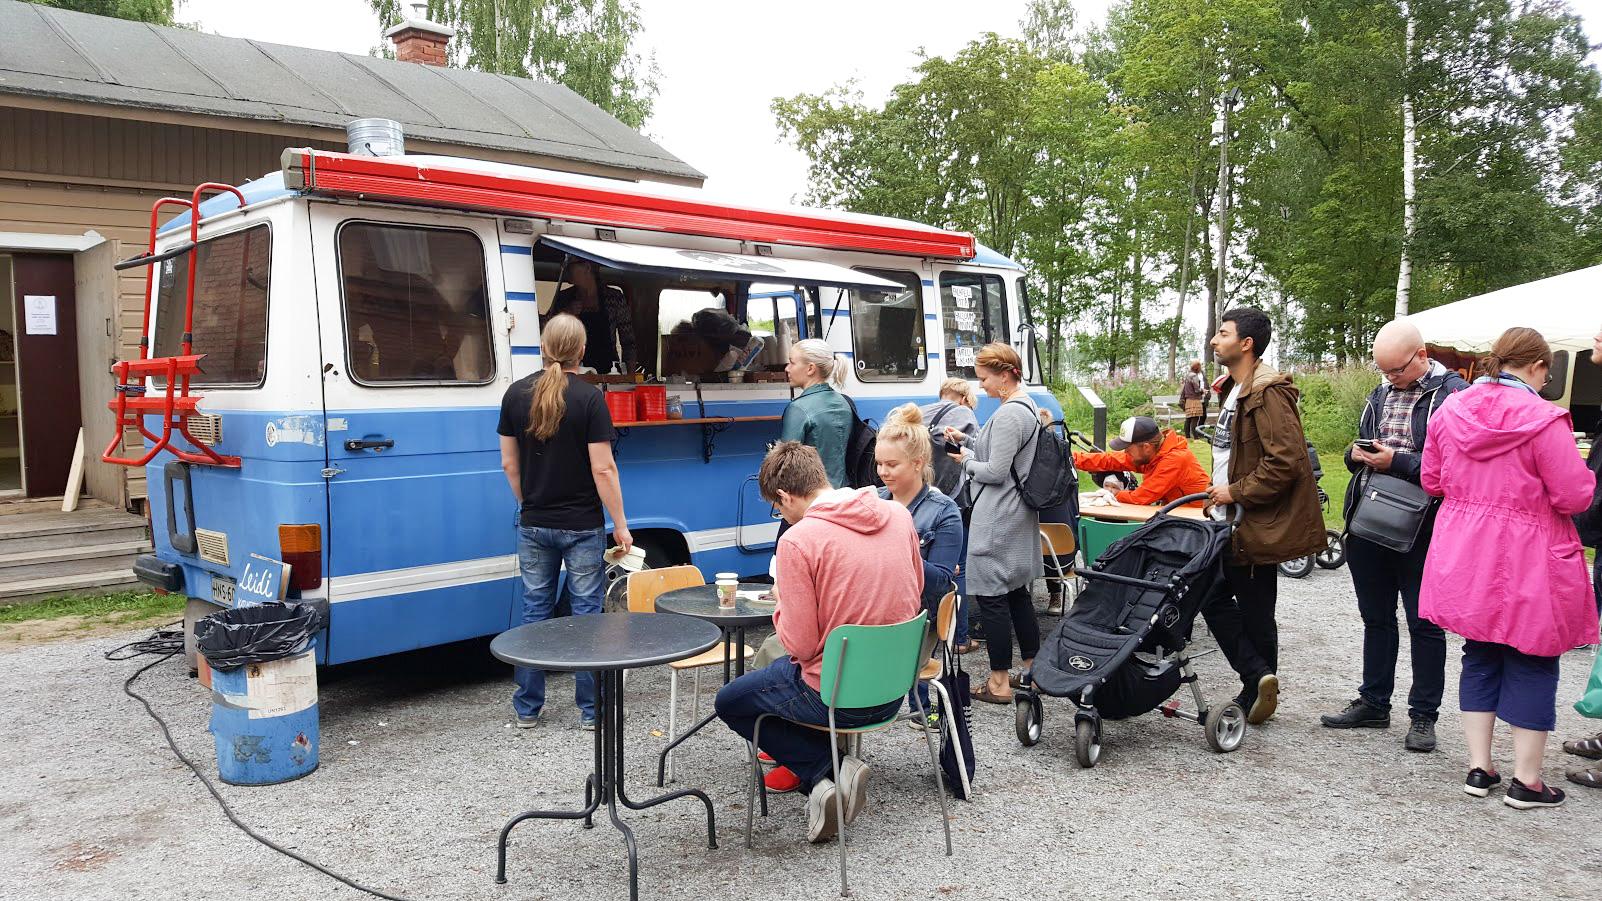 tekemistä Tampereella kesä hiedanranta